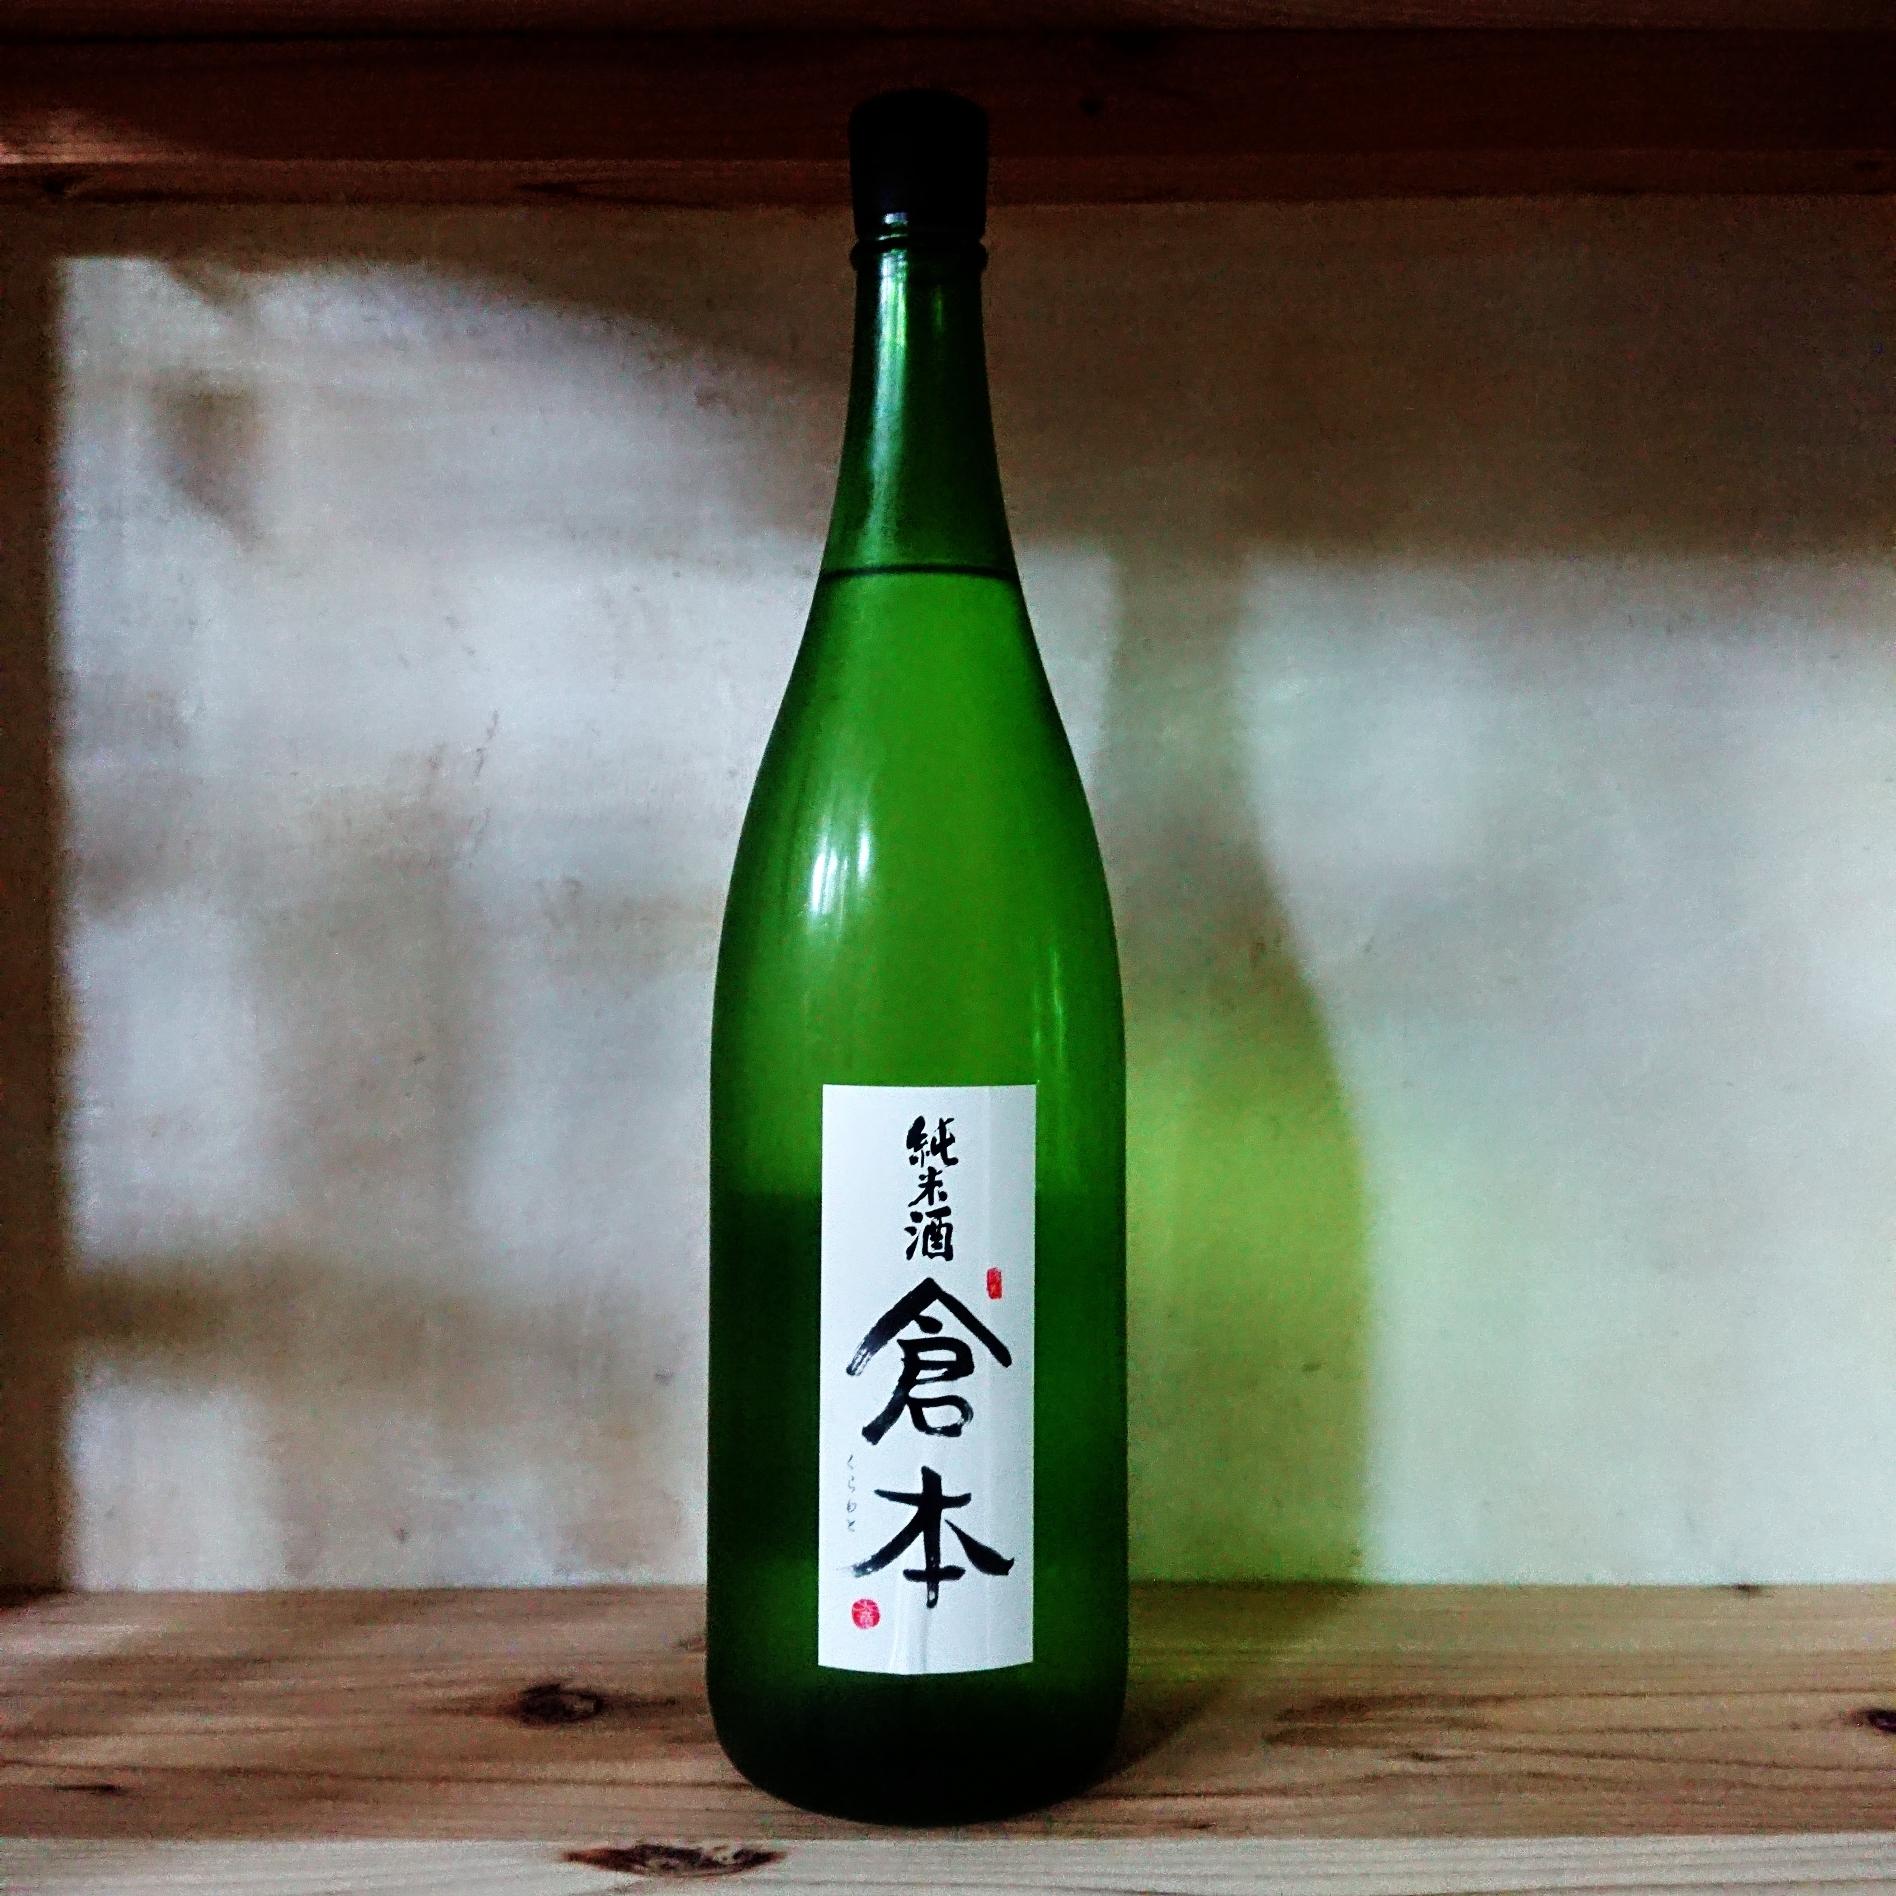 倉本 純米酒 720ml